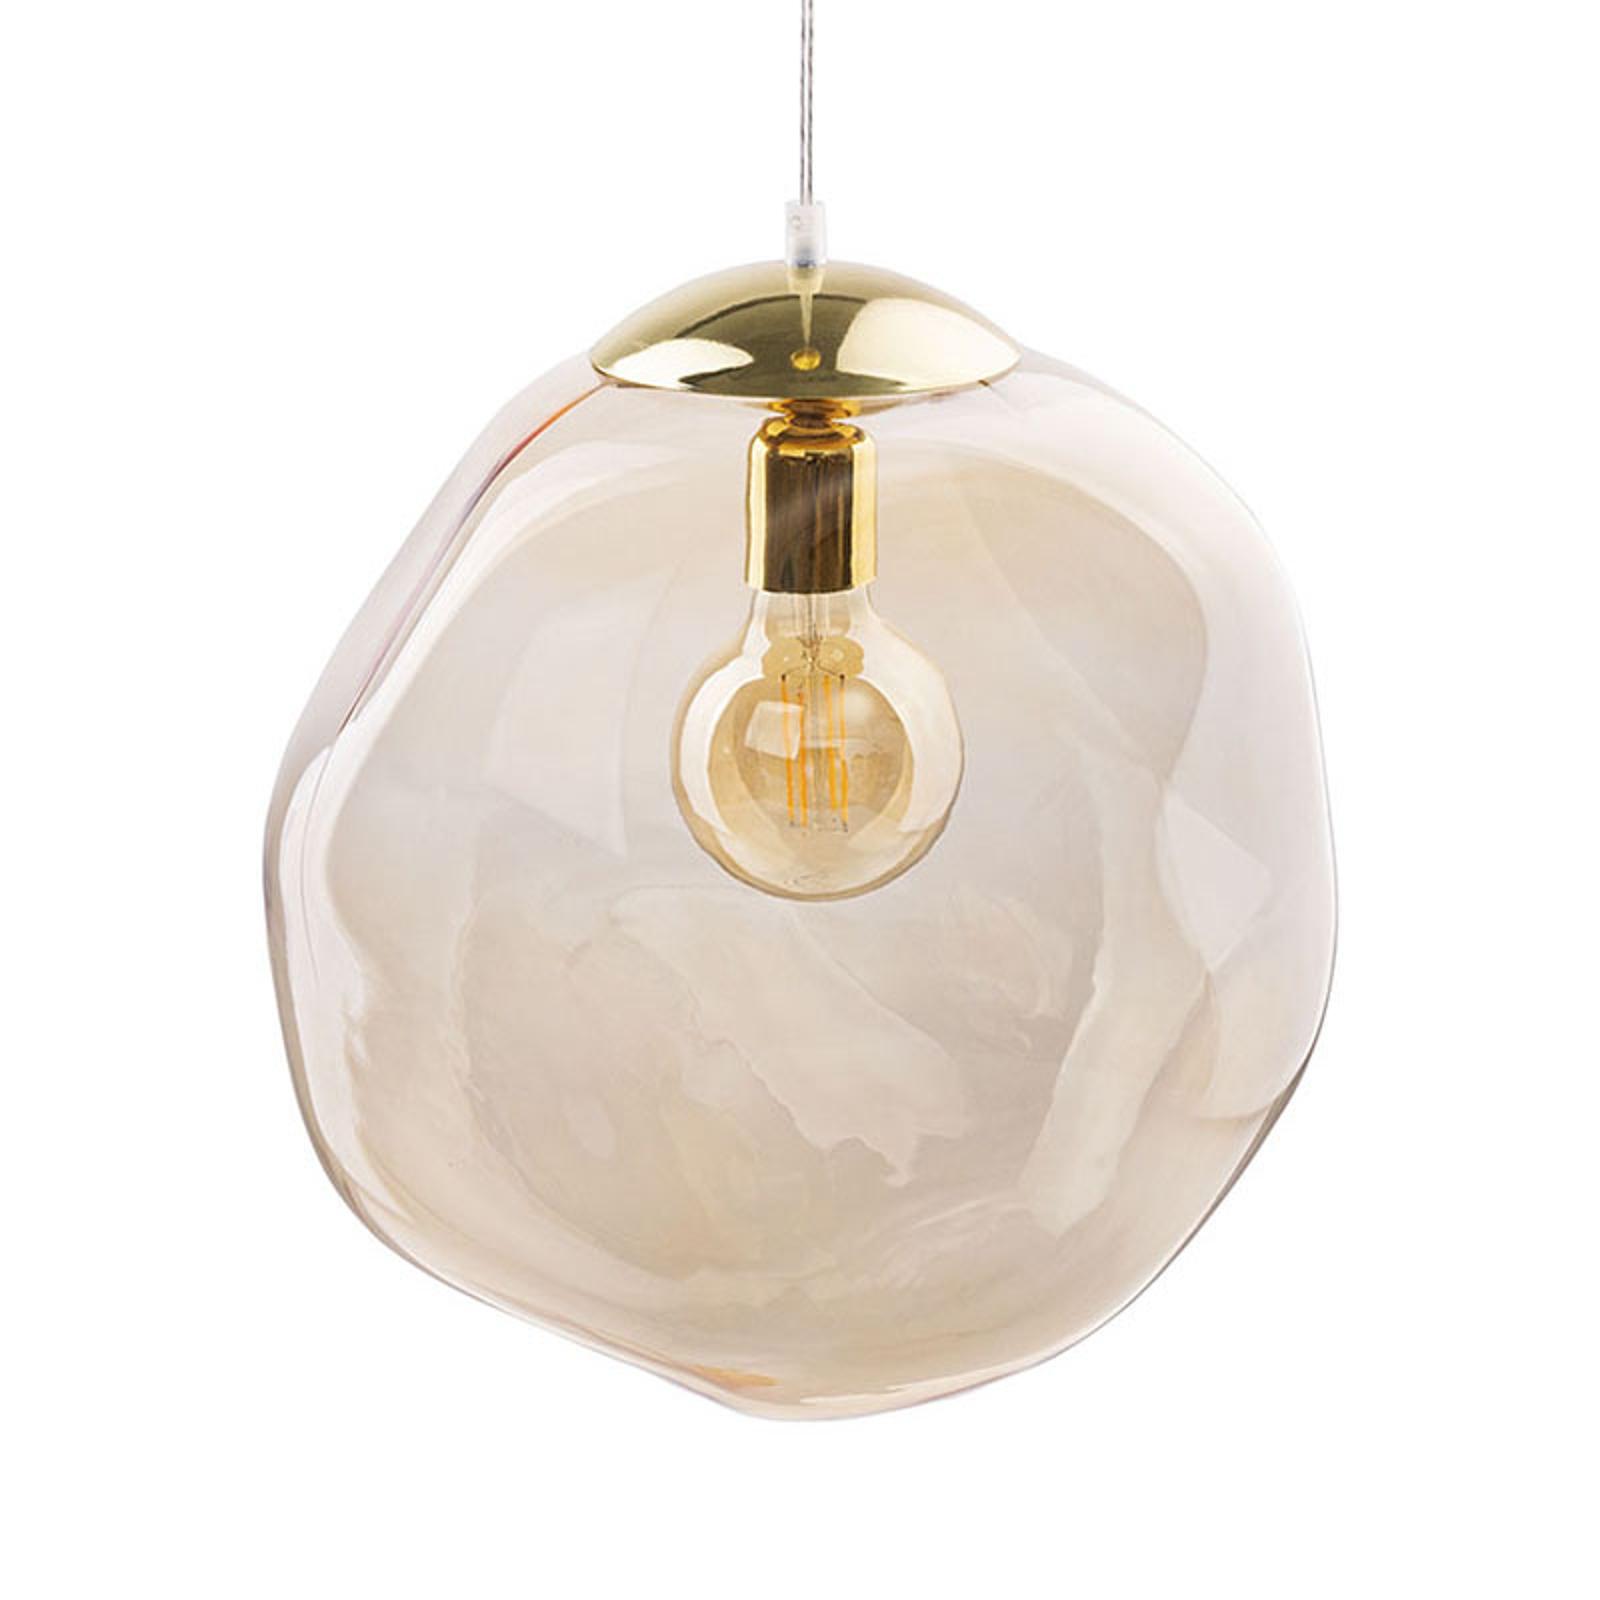 Szklana lampa wisząca Sol, złota/bursztynowa